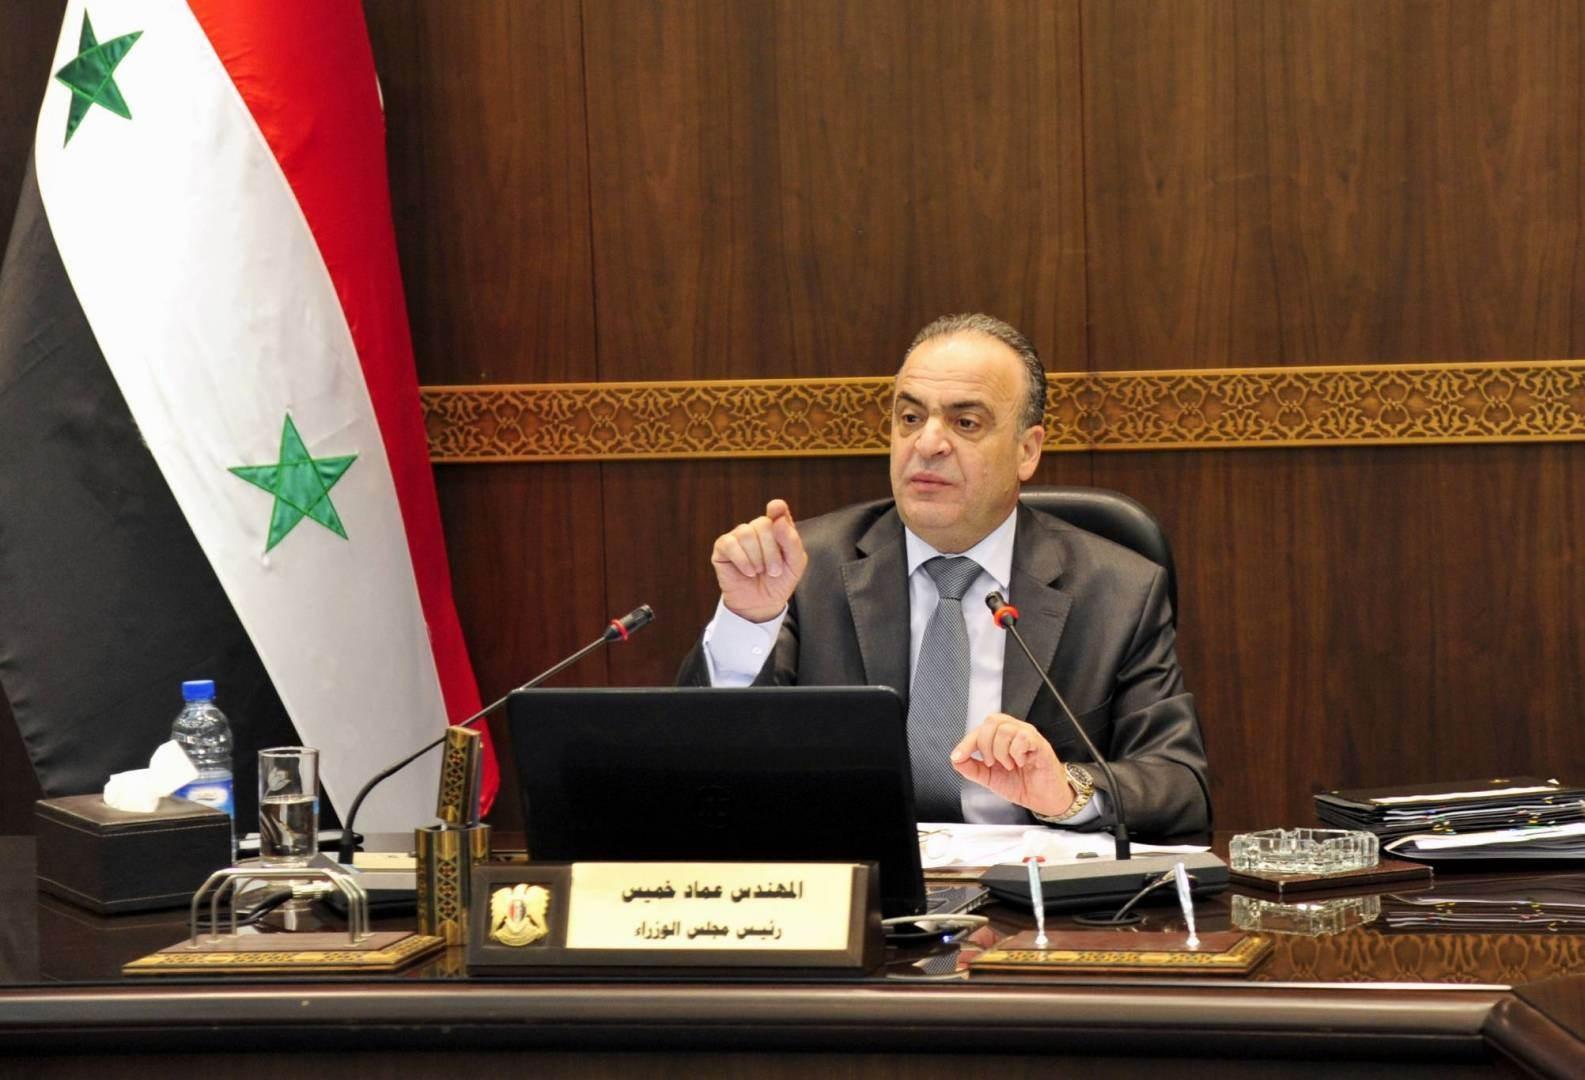 الحكومة السورية تكافح التهريب: ضبط المعابر والمناطق الحدودية